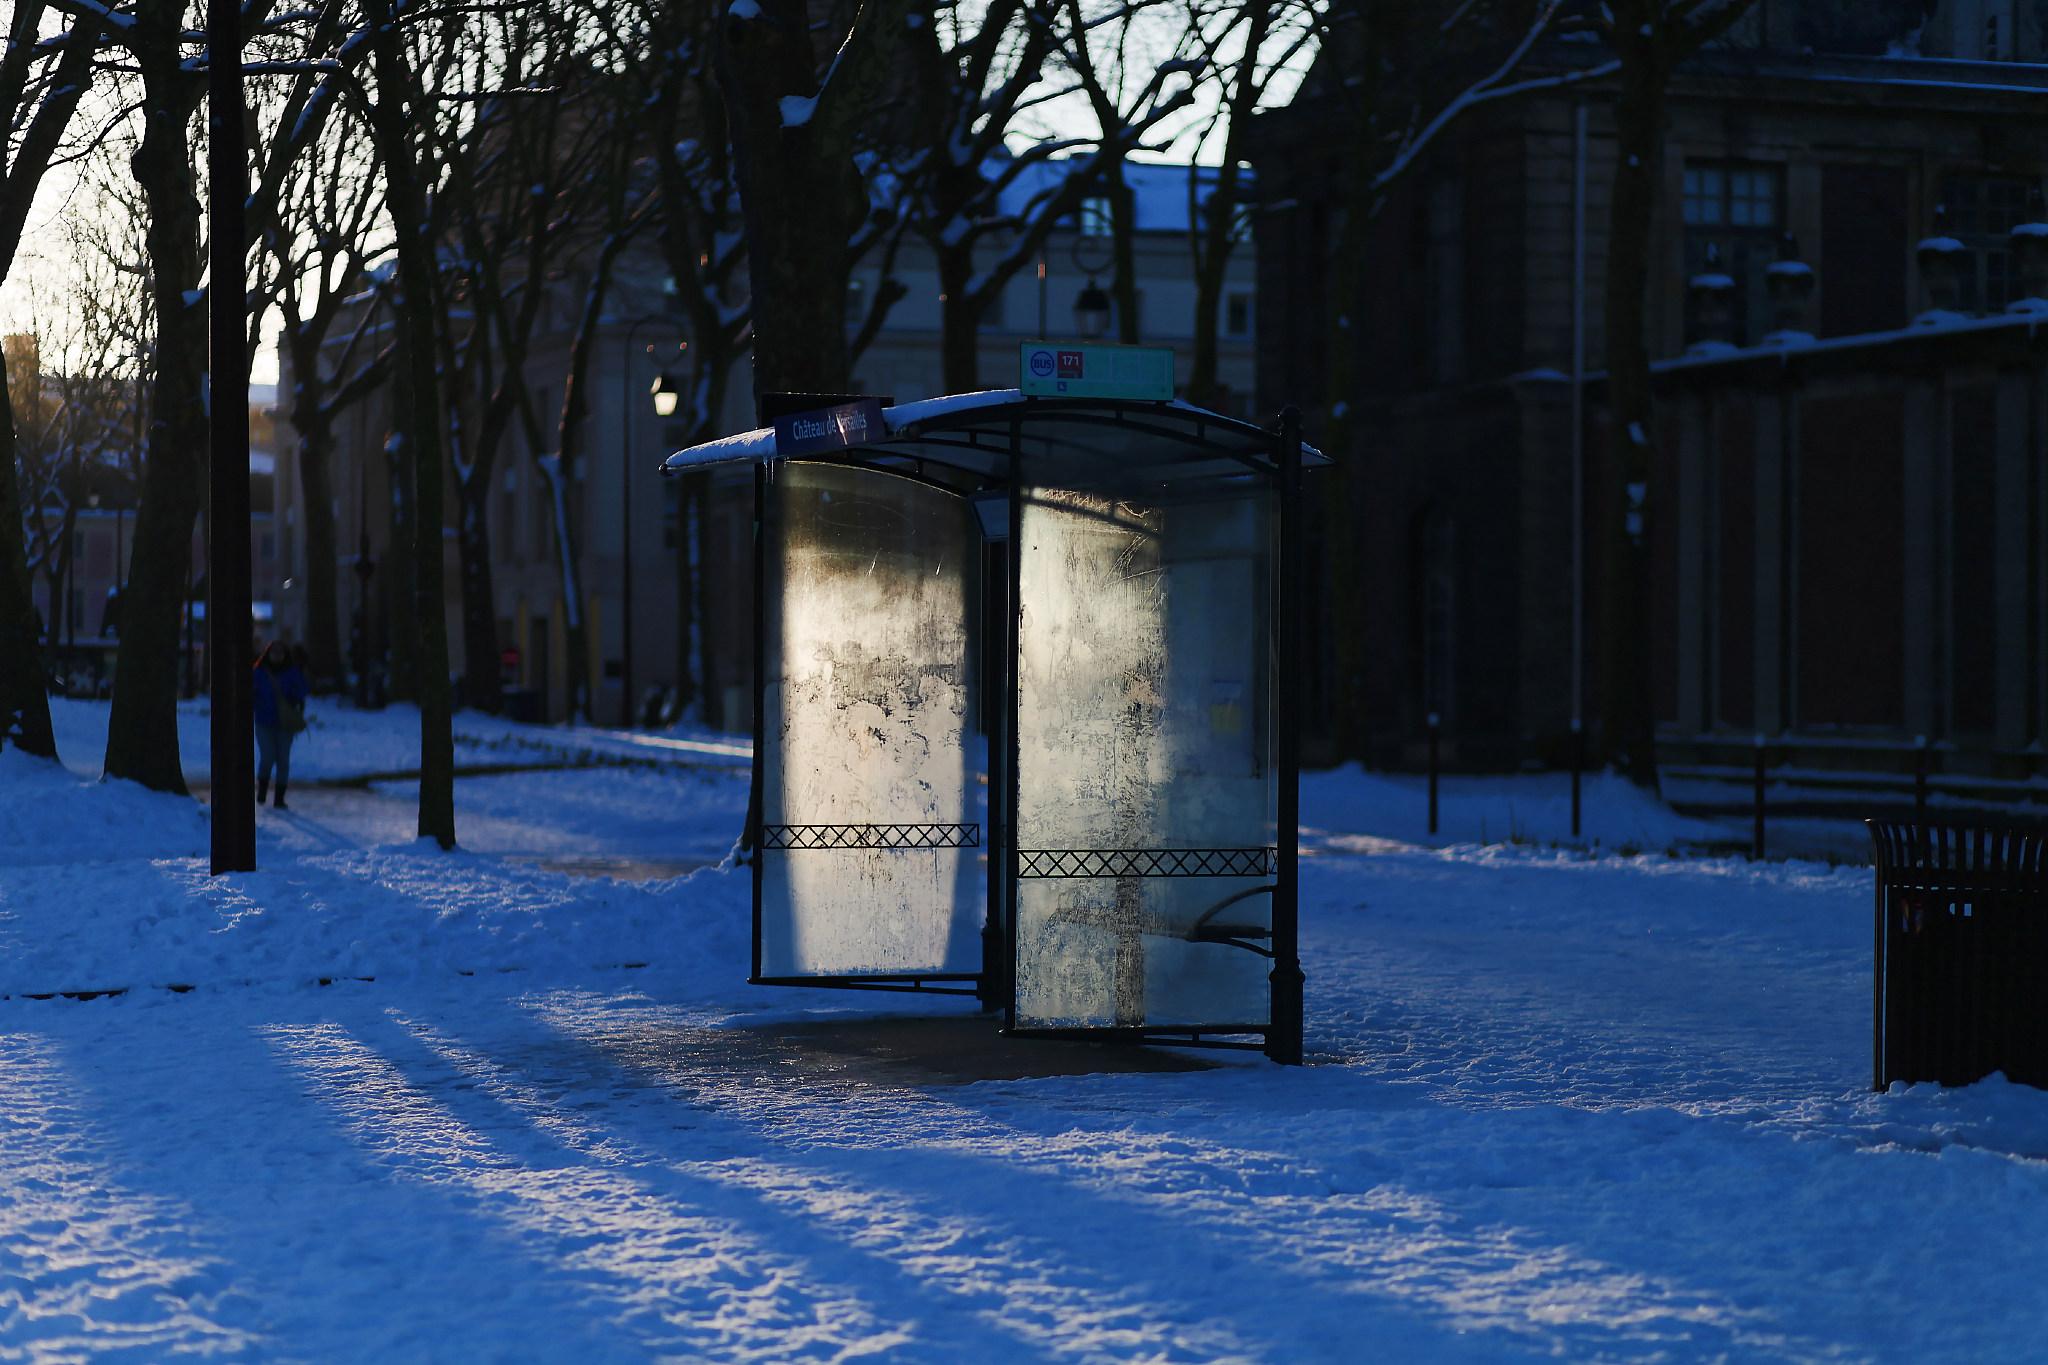 VERSAILLES SNOW LES INDISPENSABLES PARIS (18).jpg